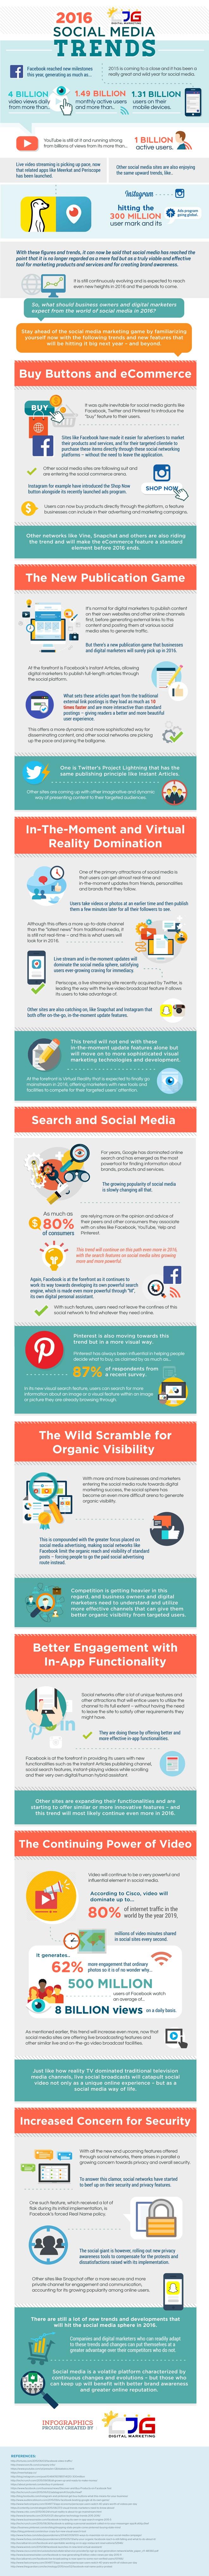 2016-Social-Media-Trends.jpg